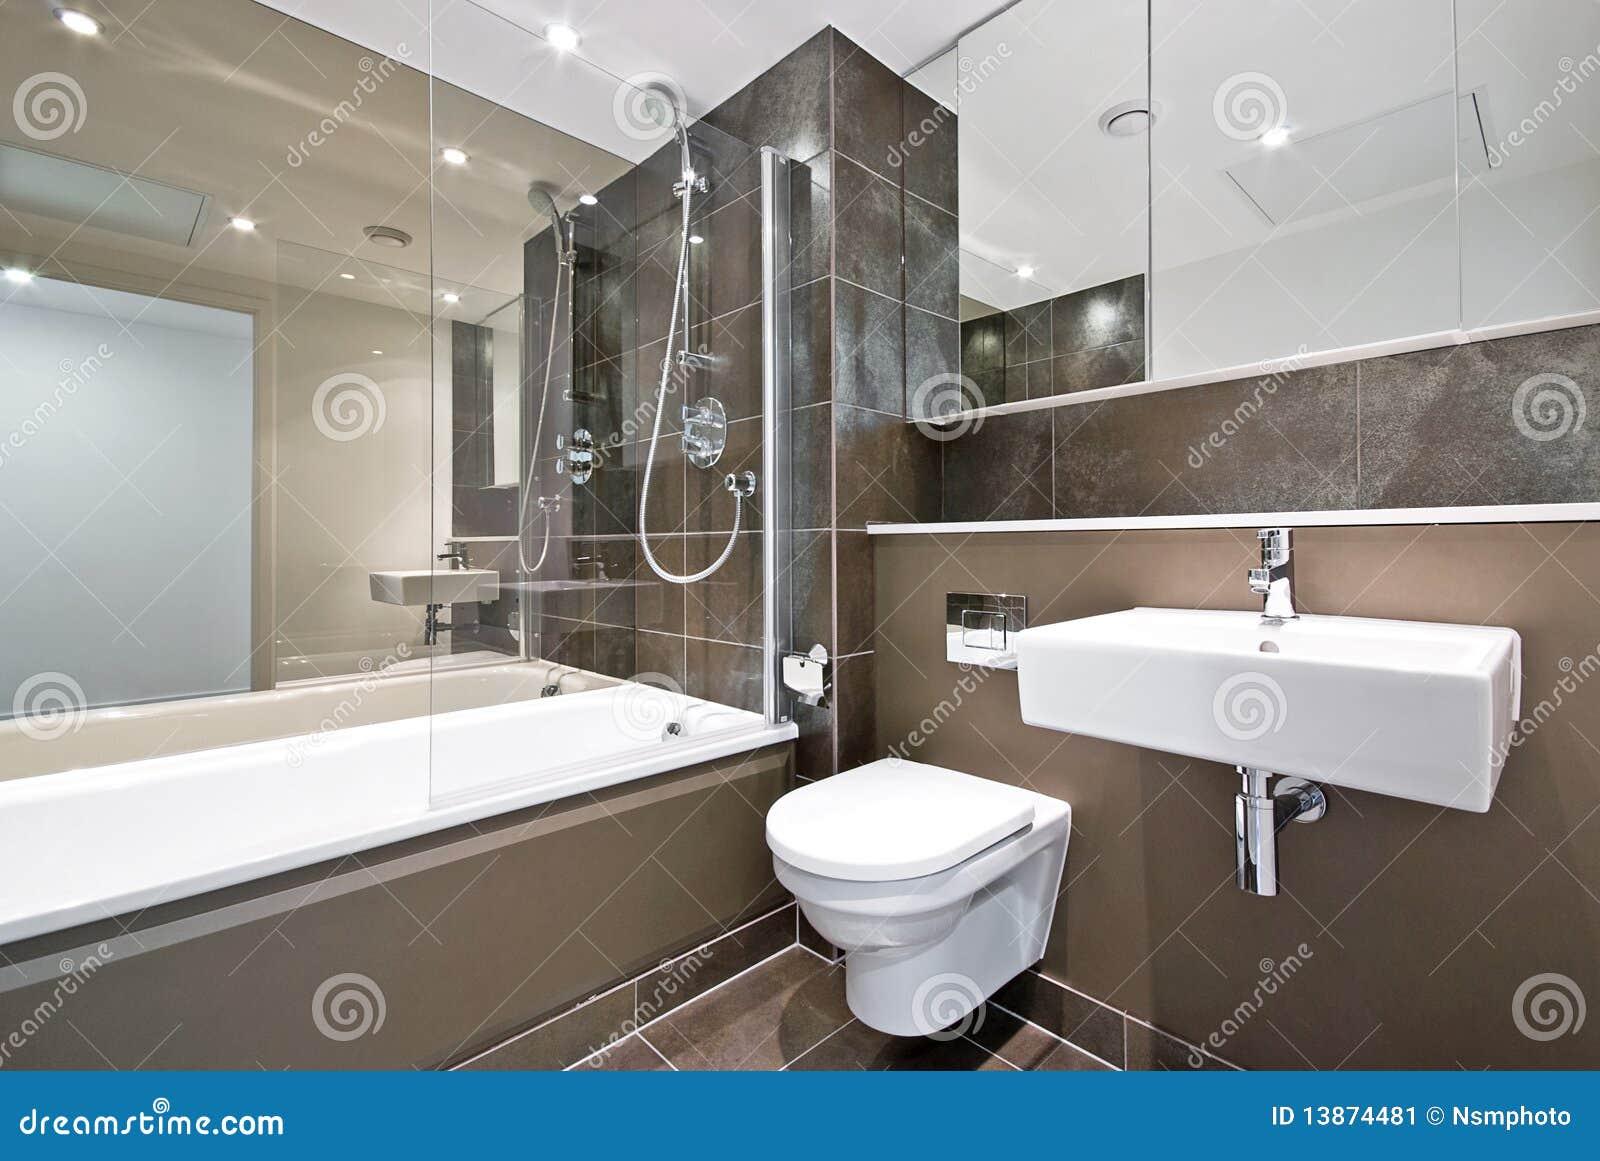 Salle de bain beige brun: peinture salle de bain couleurs pour ...